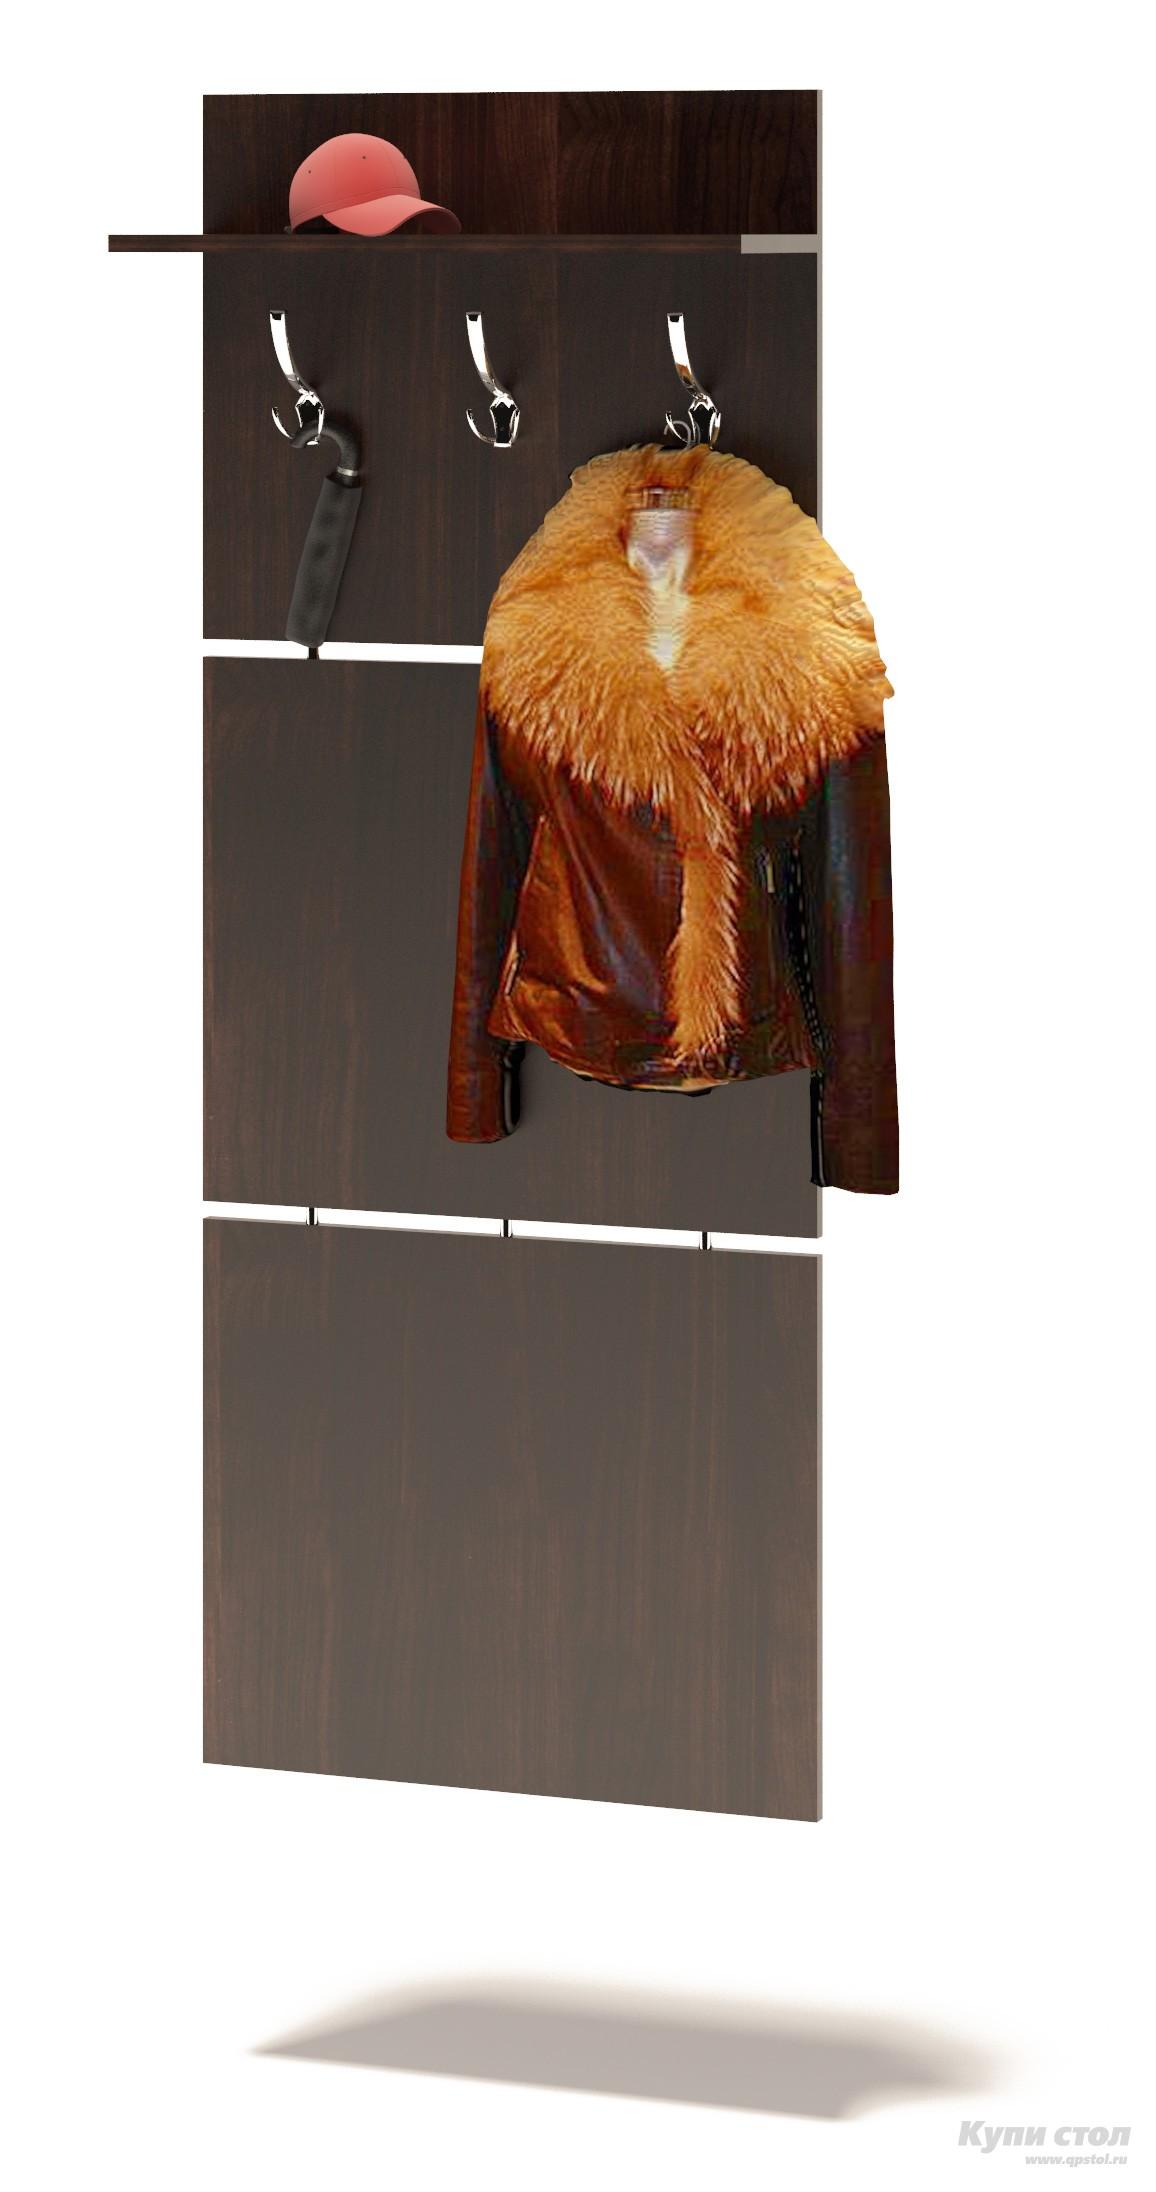 Настенная вешалка Сокол ВШ-5.1 ВенгеНастенные вешалки<br>Габаритные размеры ВхШхГ 1460x600x212 мм. Компактная навесная вешалка, выполненная в строгом стиле.  Позволит разместить сезонную одежду всей семьи.  Вешалка состоит из 3-х панелей соединенных металлическими  вставками.  Полка, закрепленная над крючками для одежды, предназначена специально для головных уборов и зонтов.  Максимальная нагрузка на полку составляет 5 кг. Изделие поставляется в разобранном виде.  Хорошо упаковано в гофротару вместе с необходимой фурнитурой для сборки и подробной инструкцией.  Данное изделие крепится к стене.   Изготовлена из высококачественной ДСП 16мм  Отделывается кромкой ПВХ 0. 4мм Рекомендуем сохранить инструкцию по сборке (паспорт изделия) до истечения гарантийного срока.<br><br>Цвет: Венге<br>Высота мм: 1460<br>Ширина мм: 600<br>Глубина мм: 212<br>Кол-во упаковок: 1<br>Форма поставки: В разобранном виде<br>Срок гарантии: 2 года